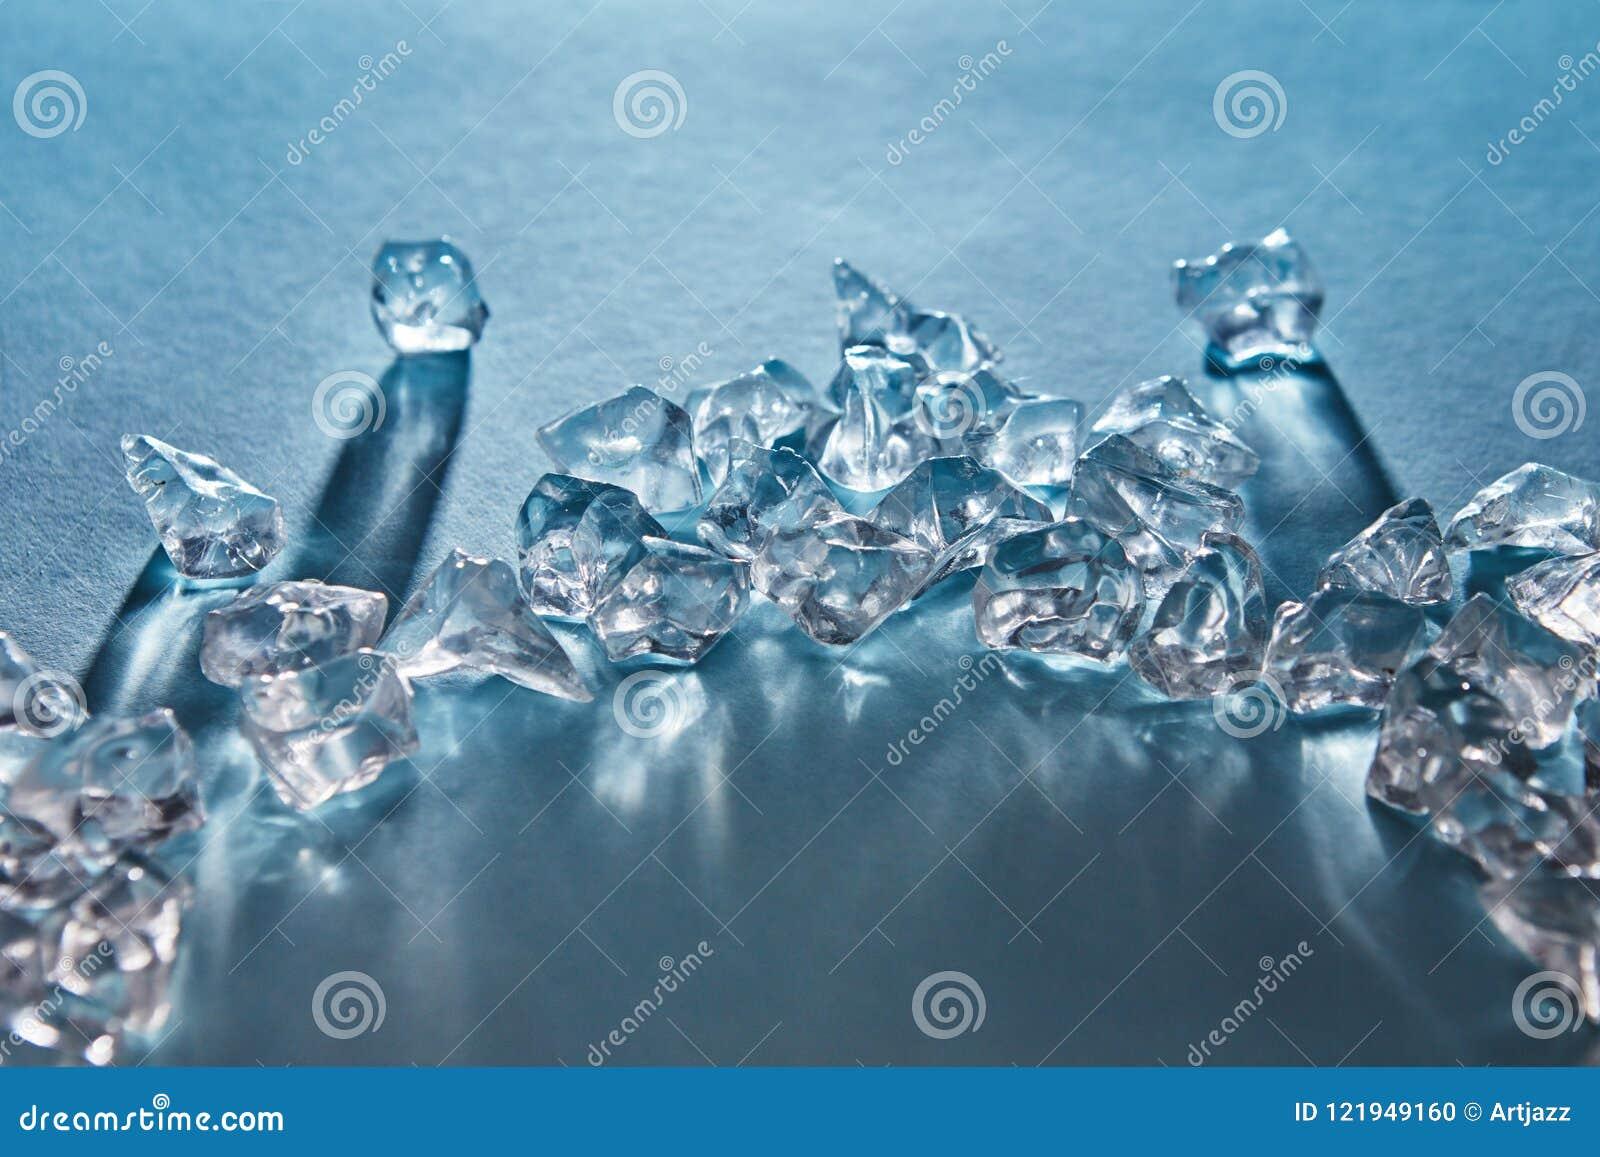 Pedazos de cubos de hielo machacados en bajo la forma de arco con las sombras largas y de reflexiones en la superficie en un azul